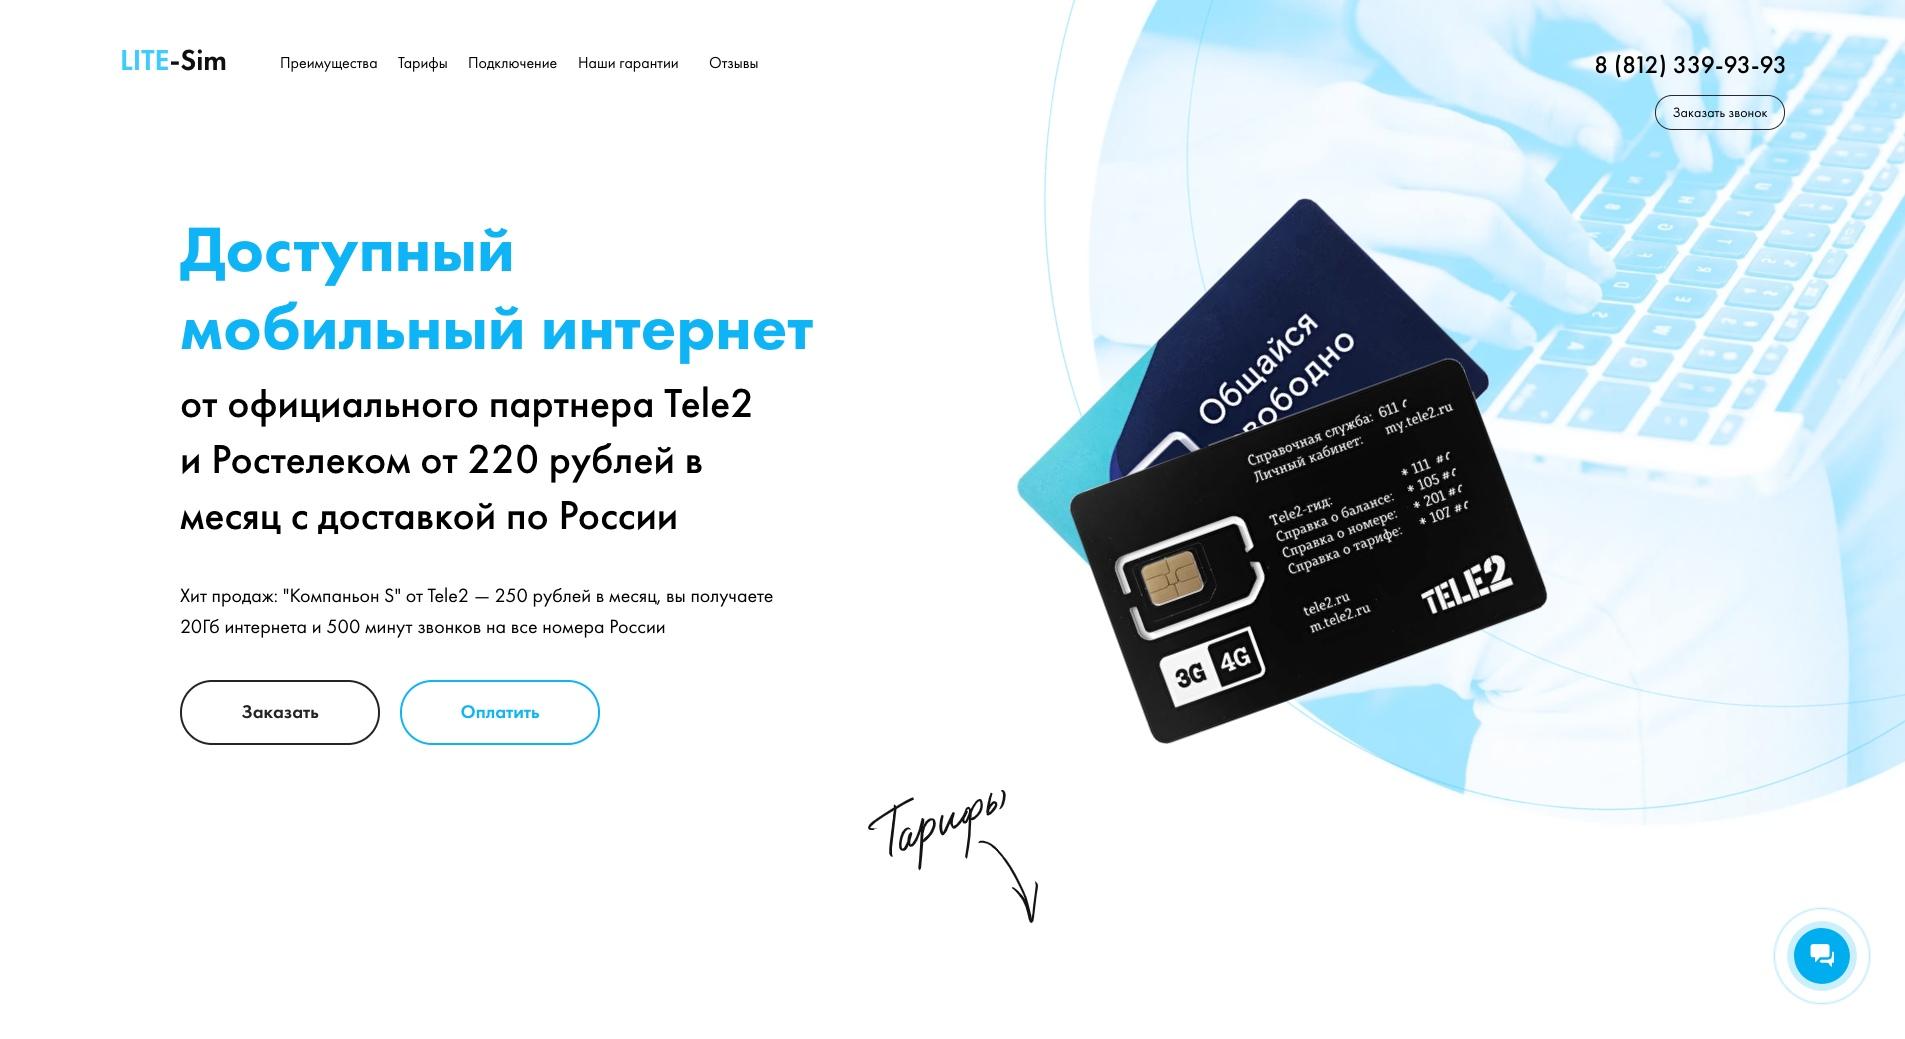 Сайт партнера Теле2